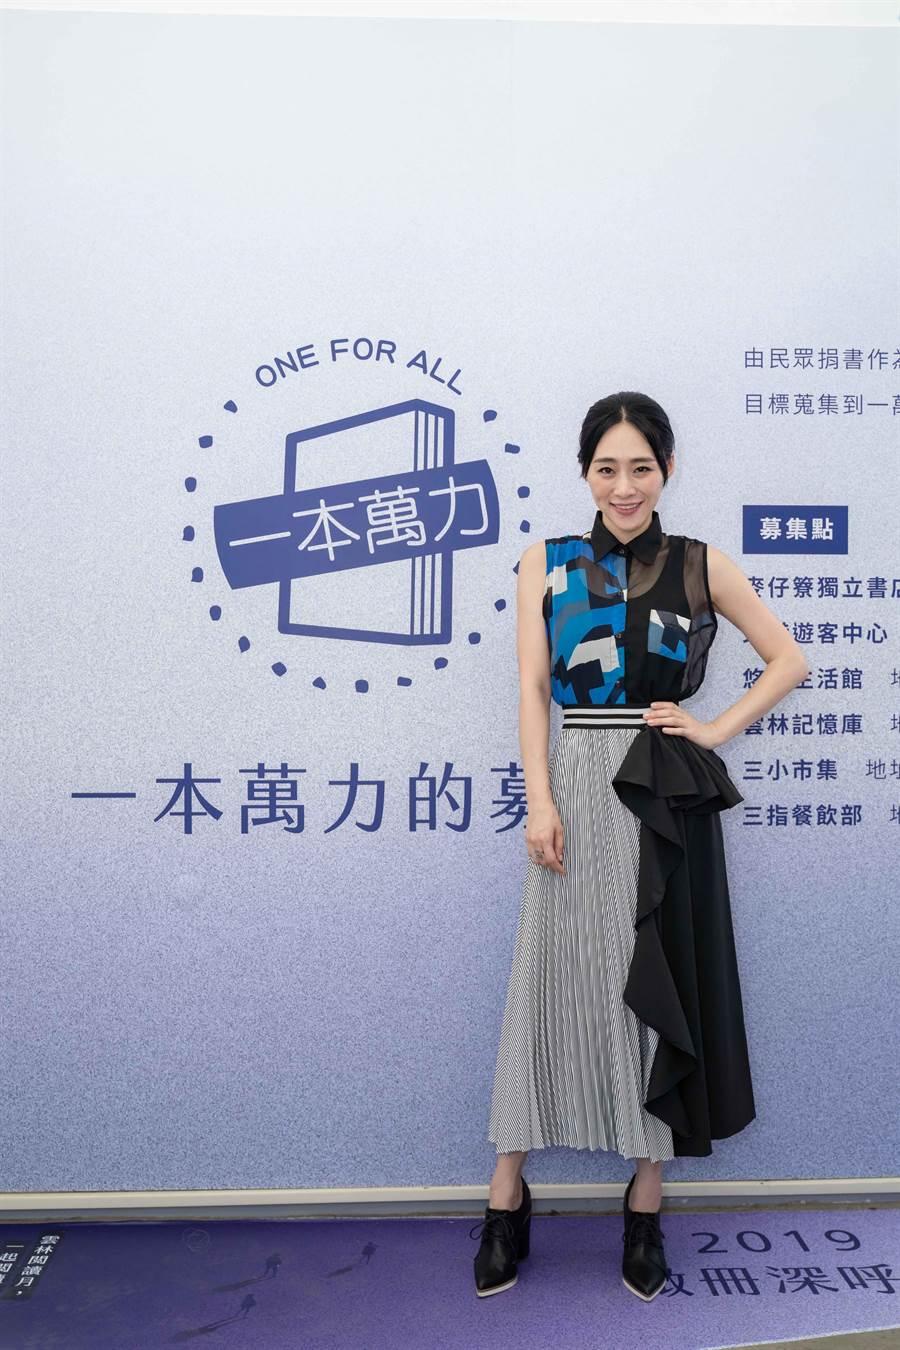 吳可熙參觀雲林縣「2019微册深呼吸」特展。